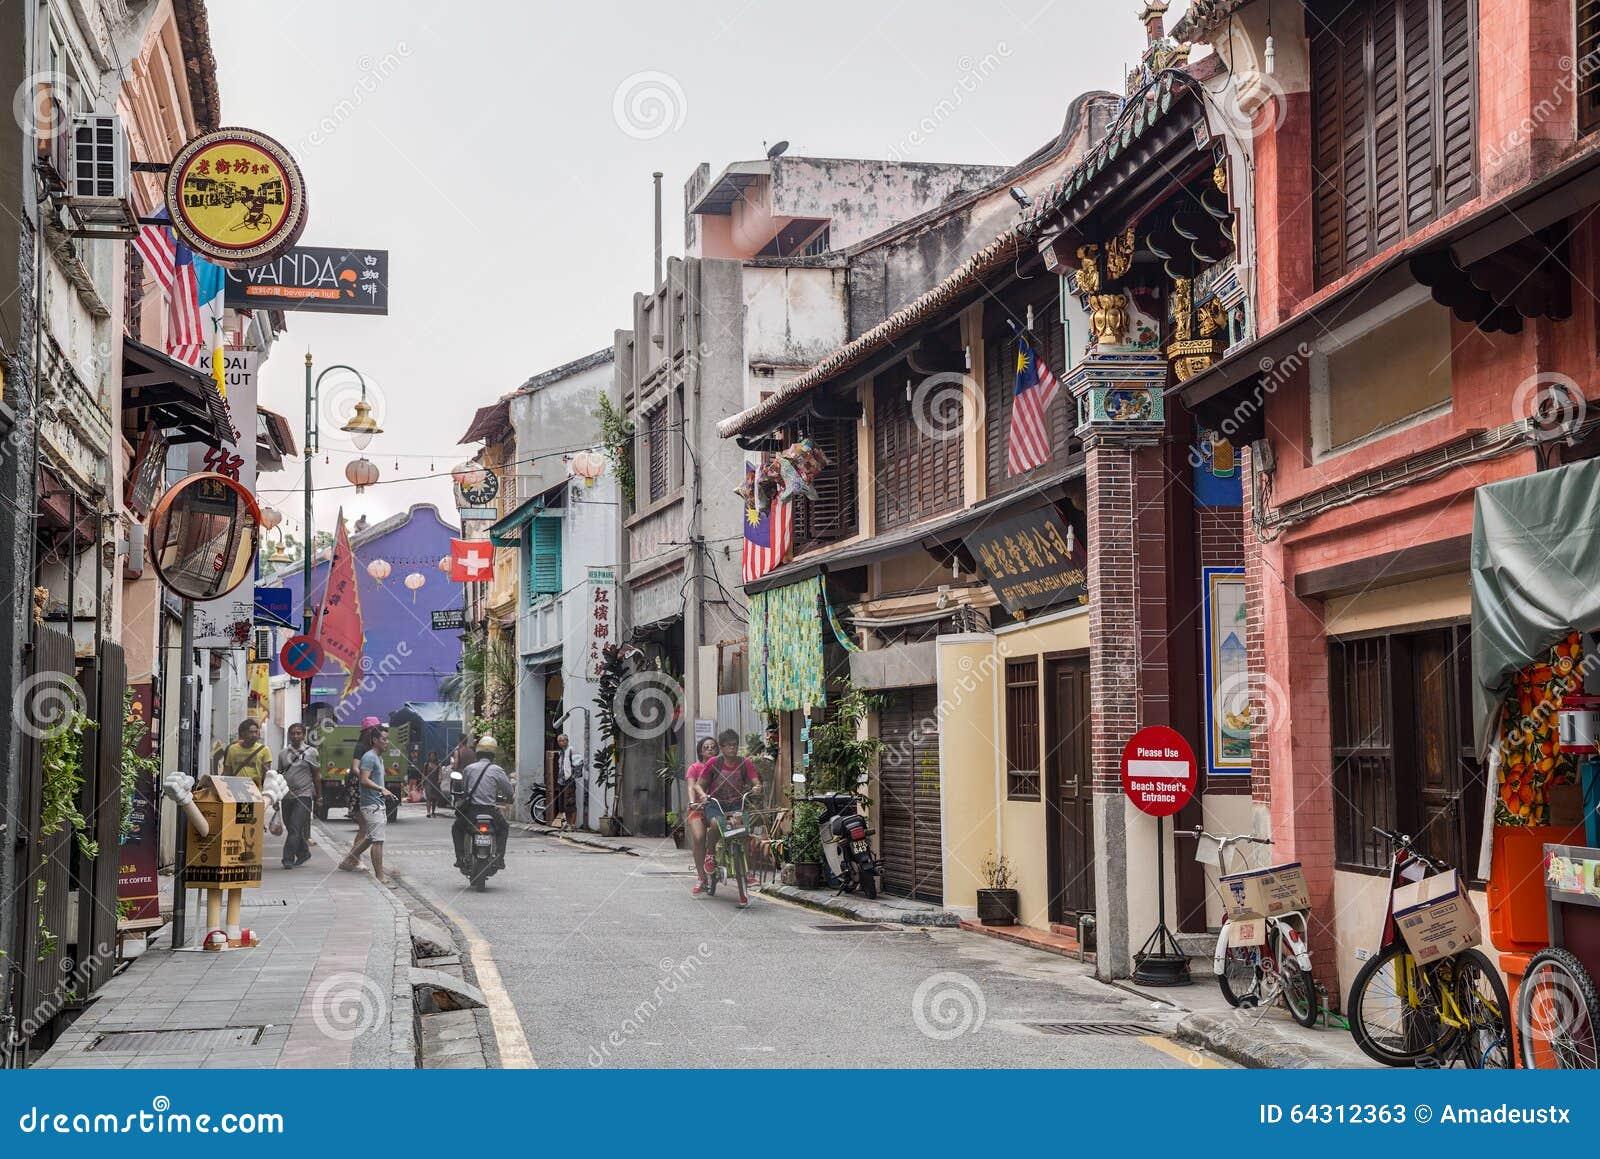 Georgetown, Penang/Malasia - circa octubre de 2015: Calles viejas y arquitectura de Georgetown, Penang, Malasia